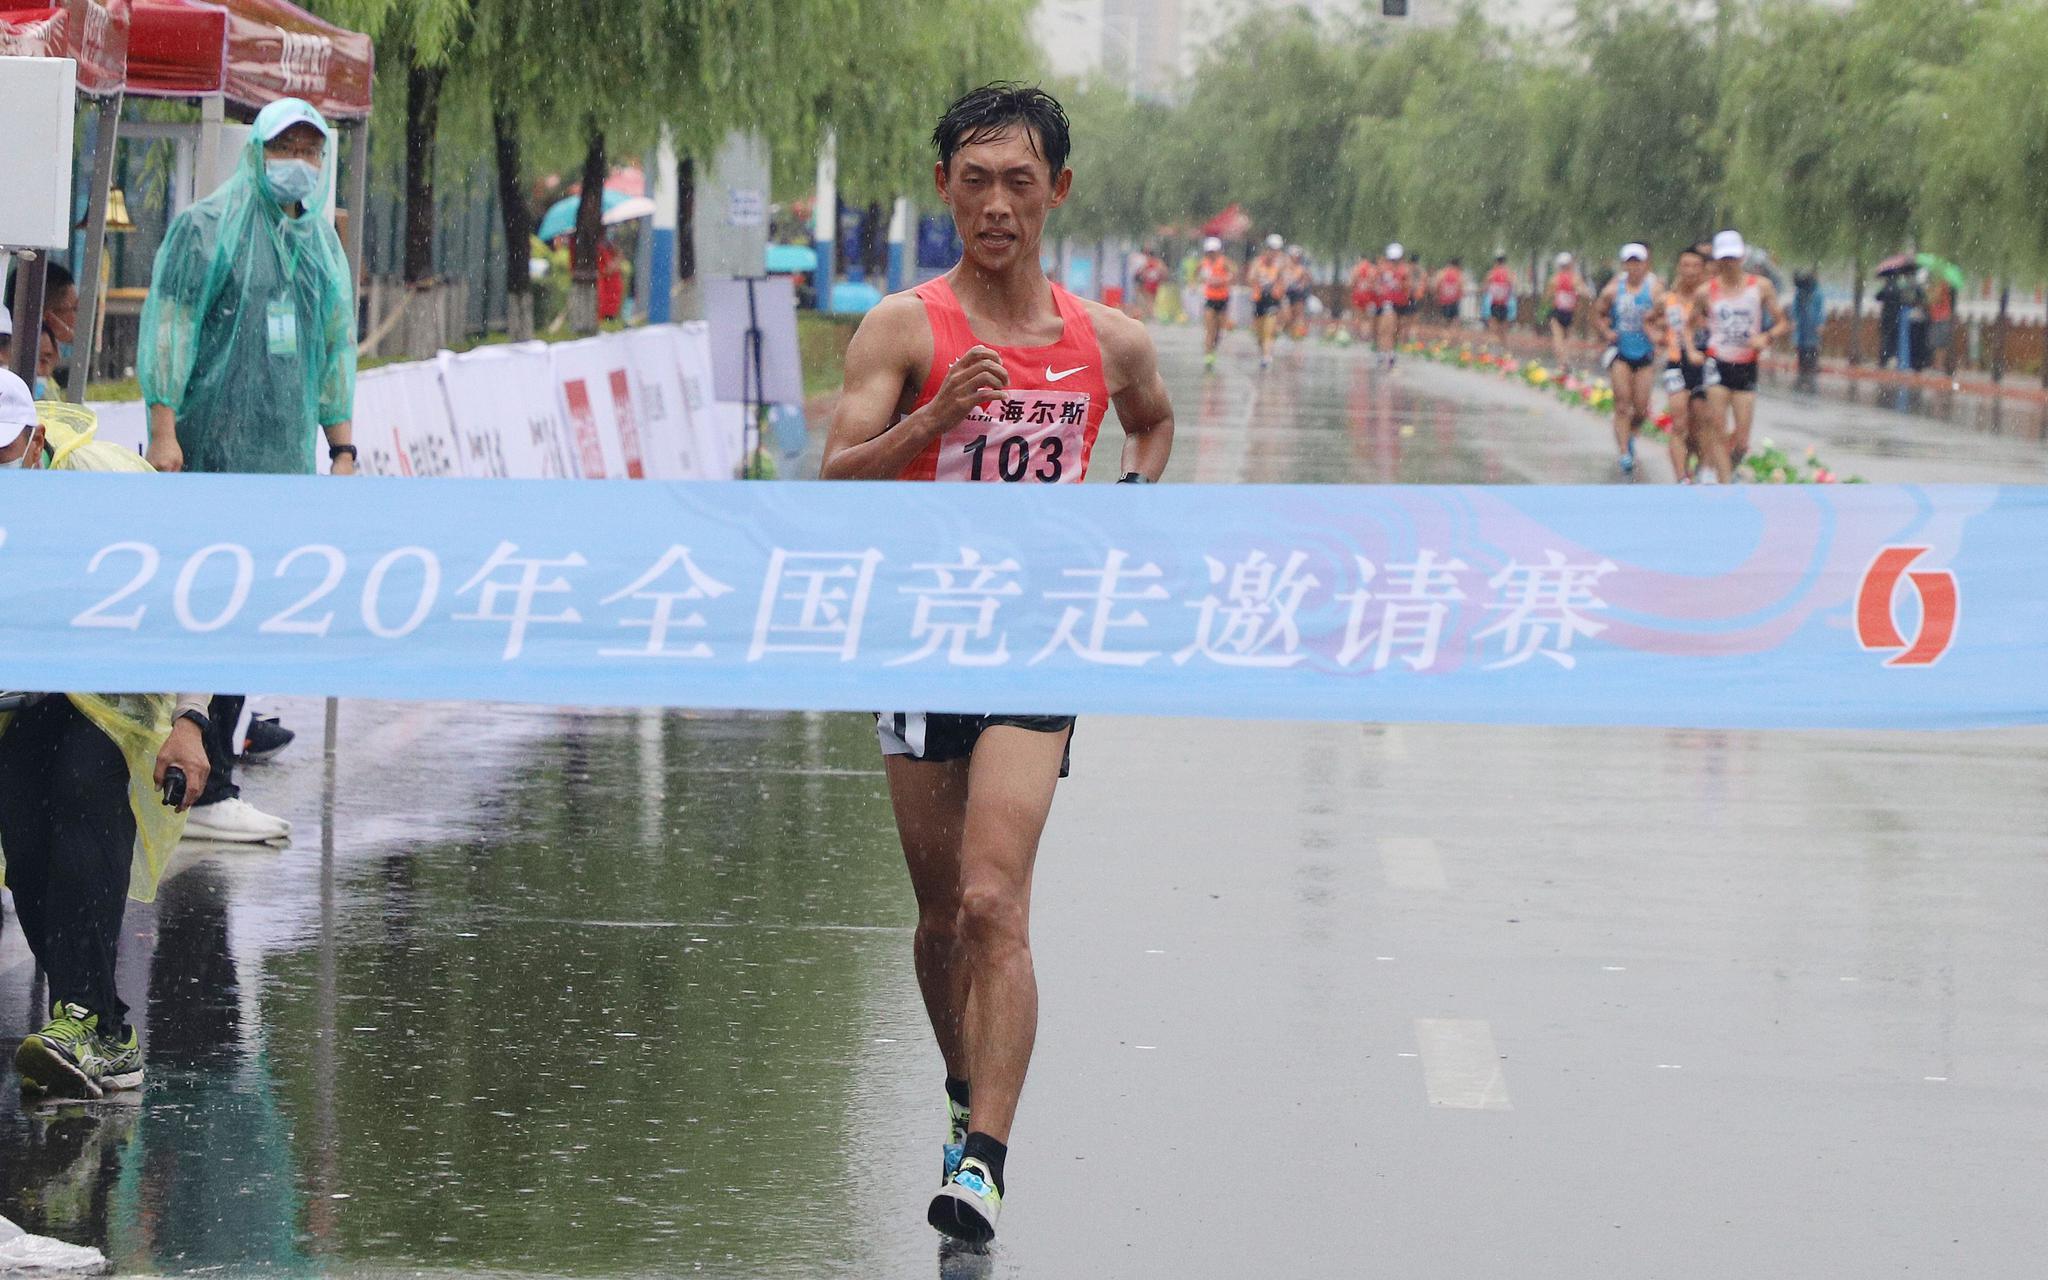 复工后首场竞走赛事鸣枪,杨家玉轻松夺冠图片